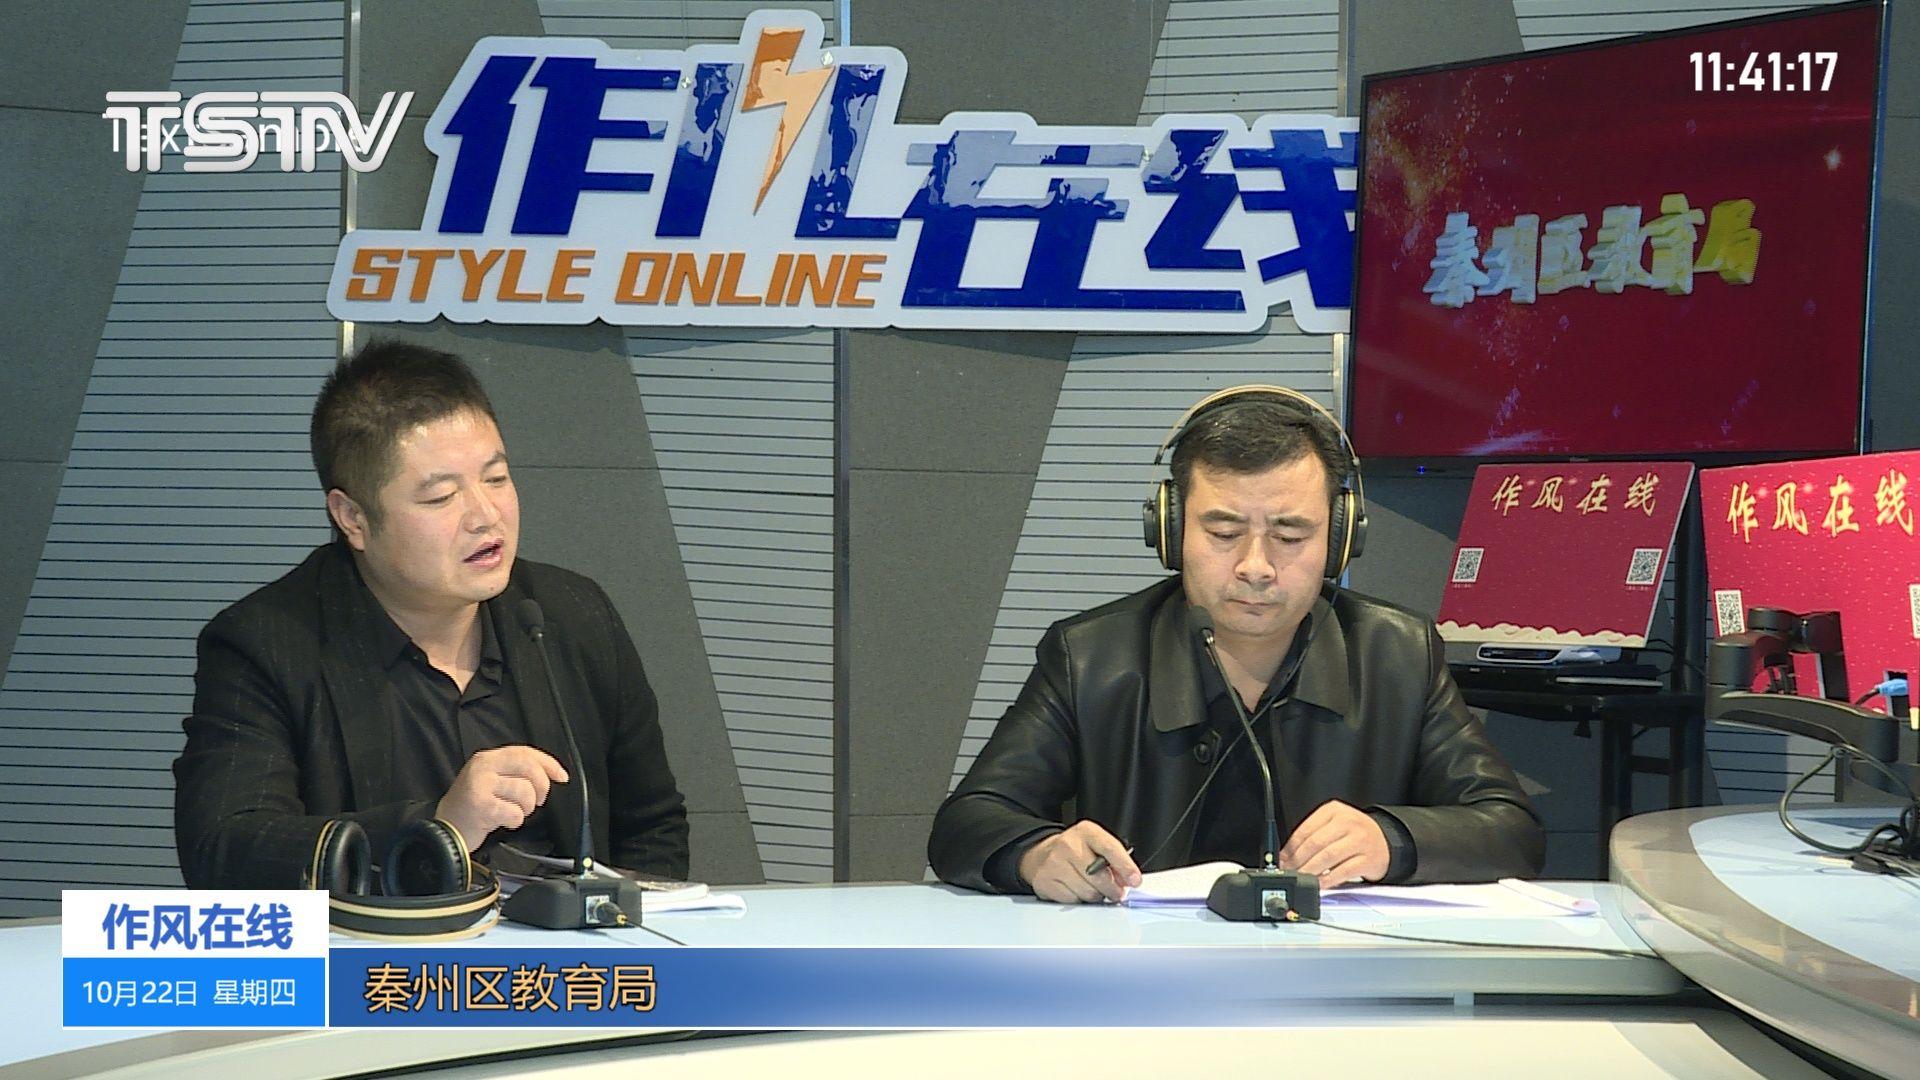 10月22日 秦州区教育局上线